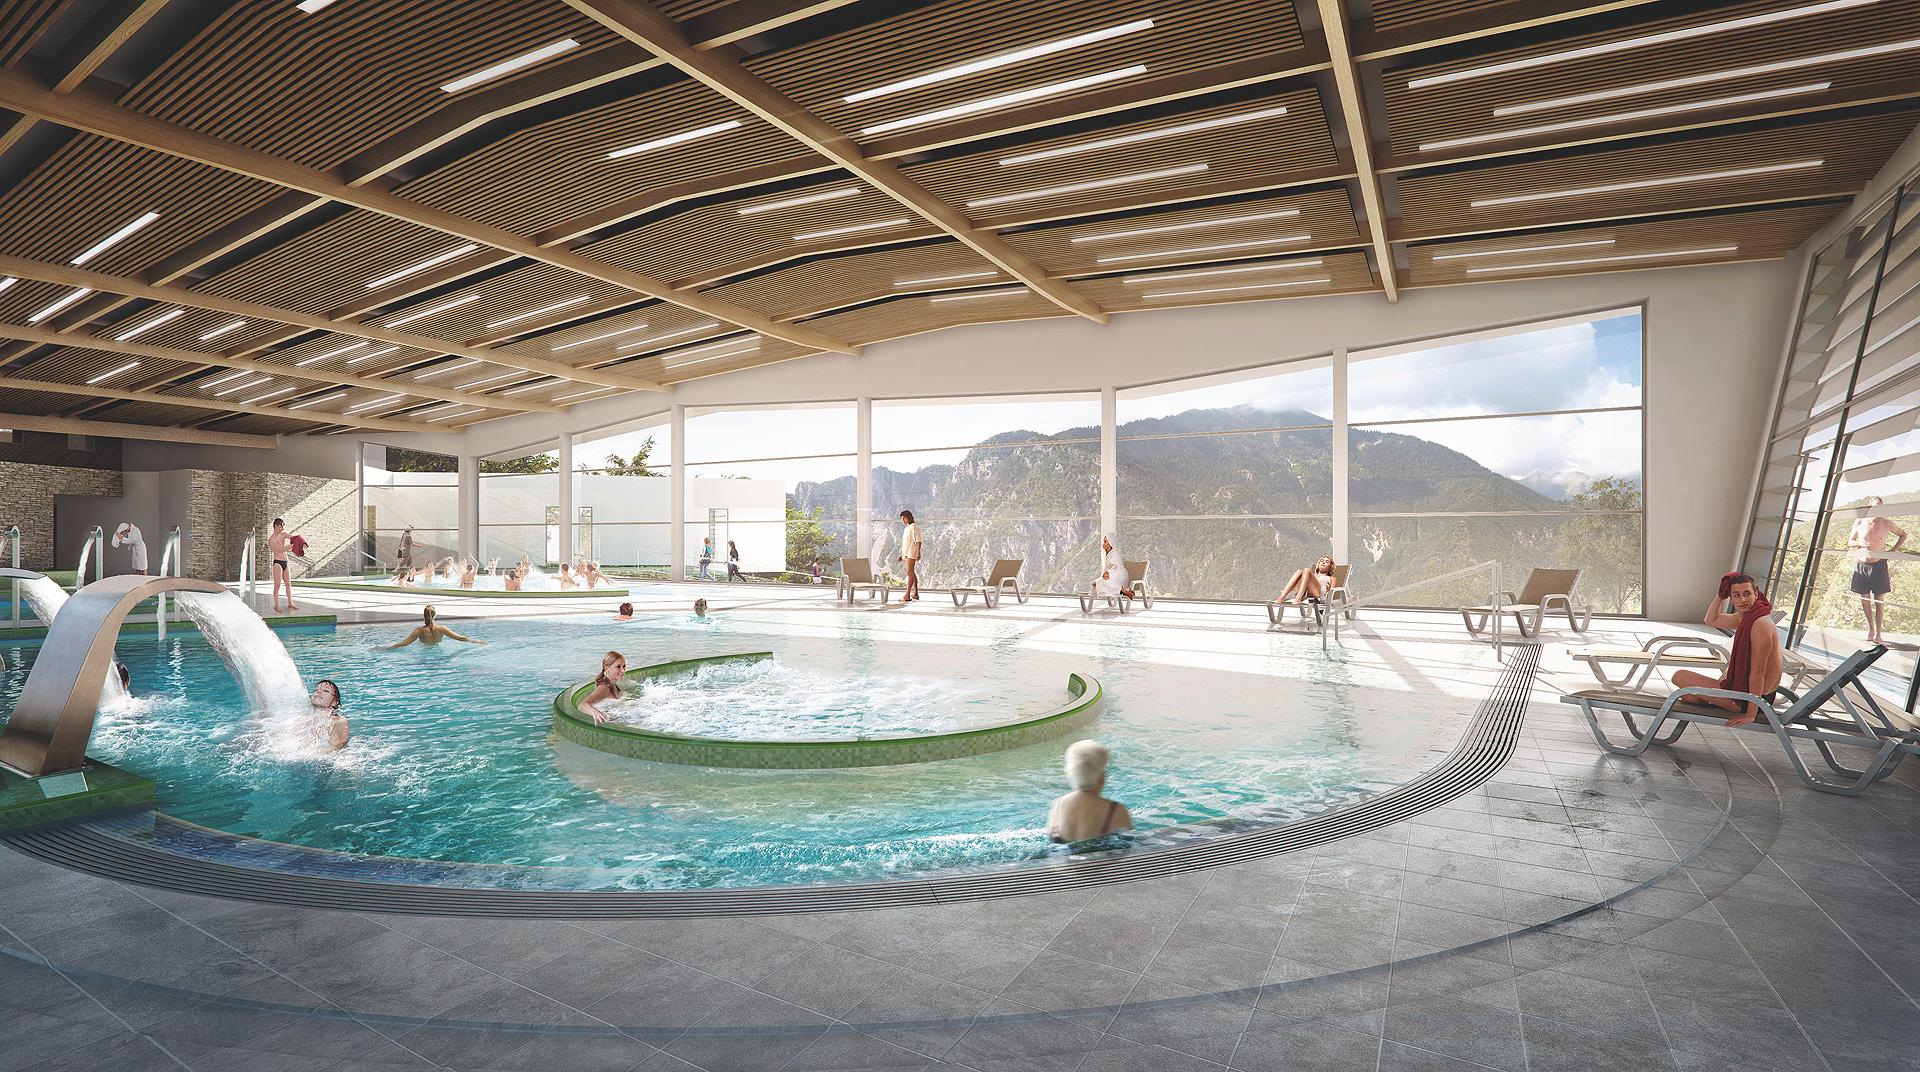 Complexe thermal de berthemont les bains d partement des - Office de tourisme de thonon les bains ...